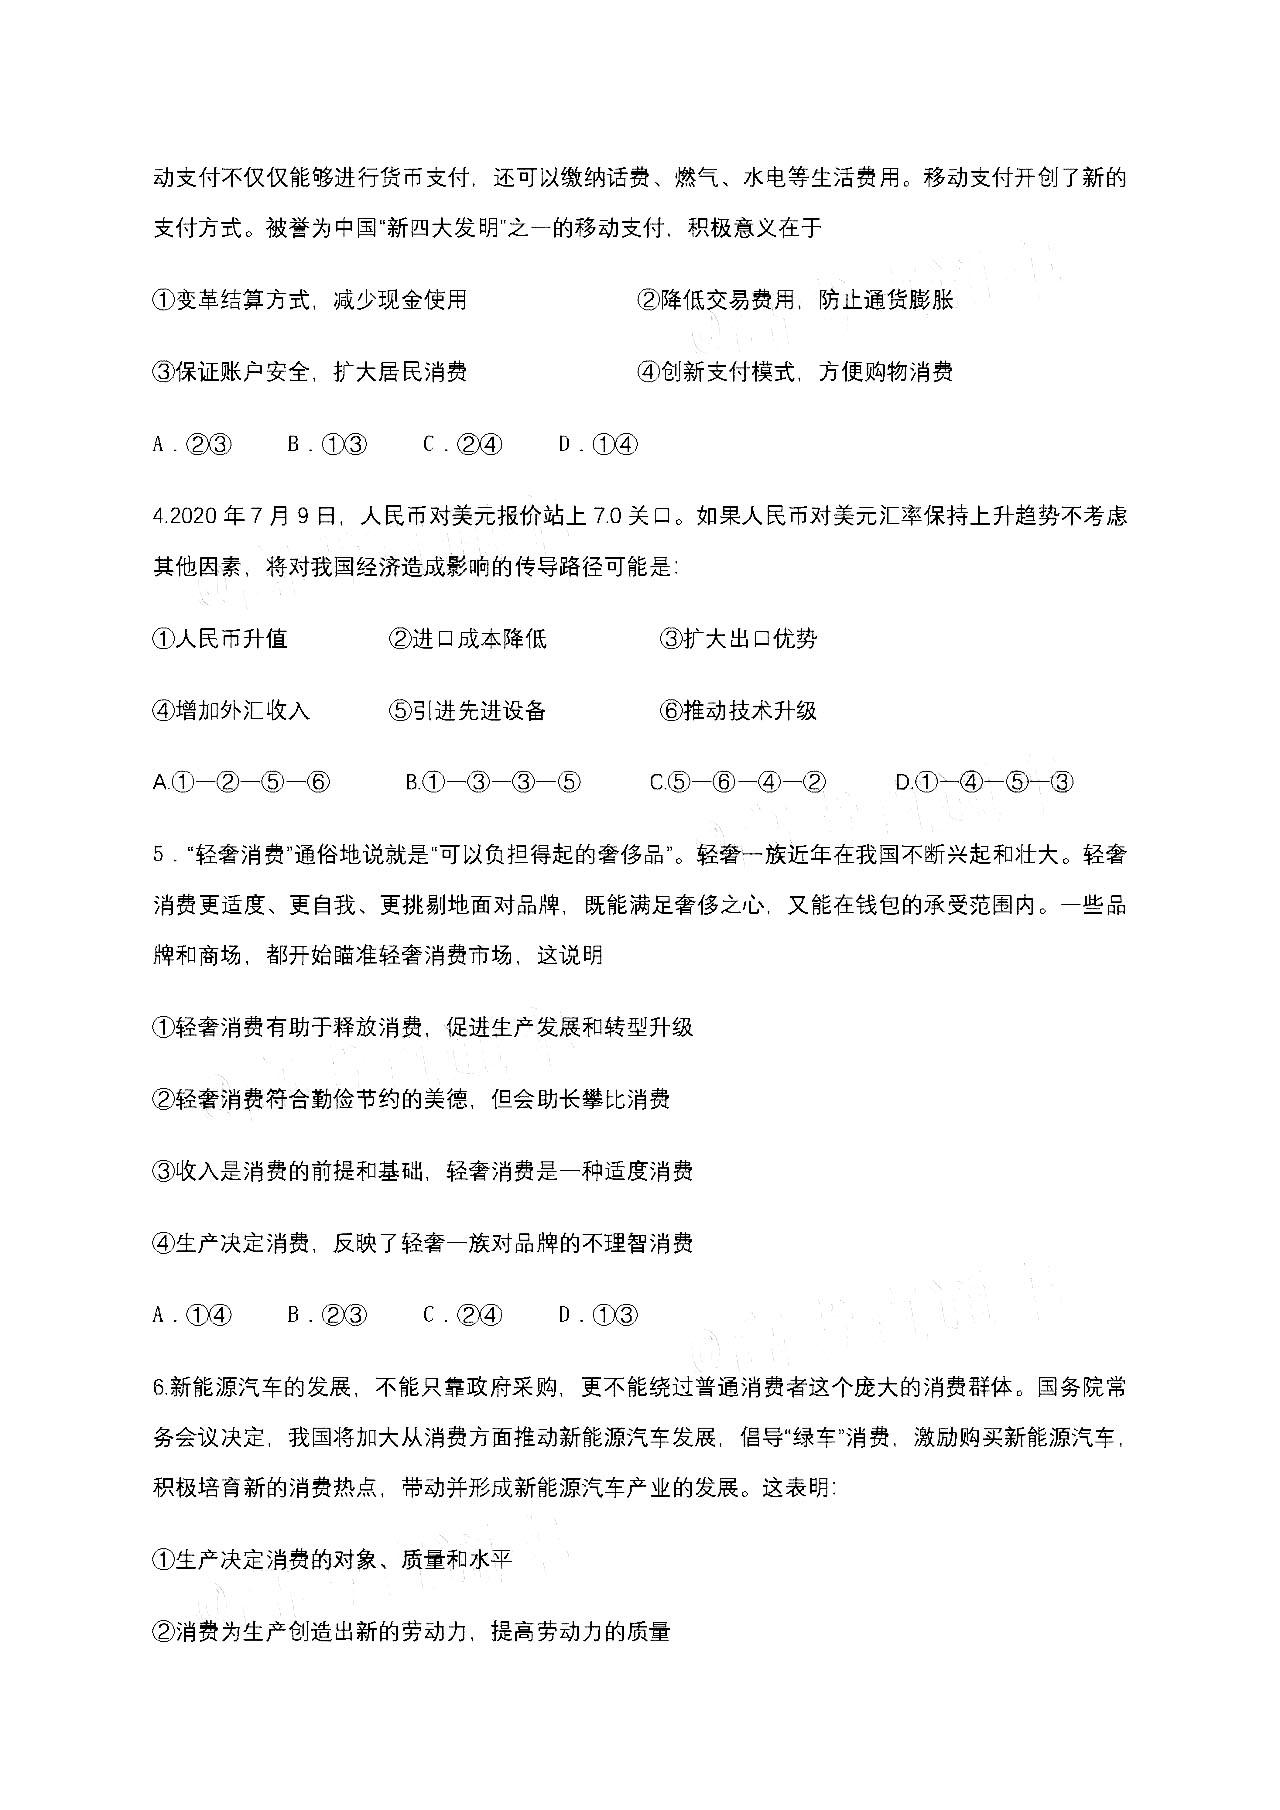 2021宁夏银川第二中学高三上统联二政治试卷答案解析图2